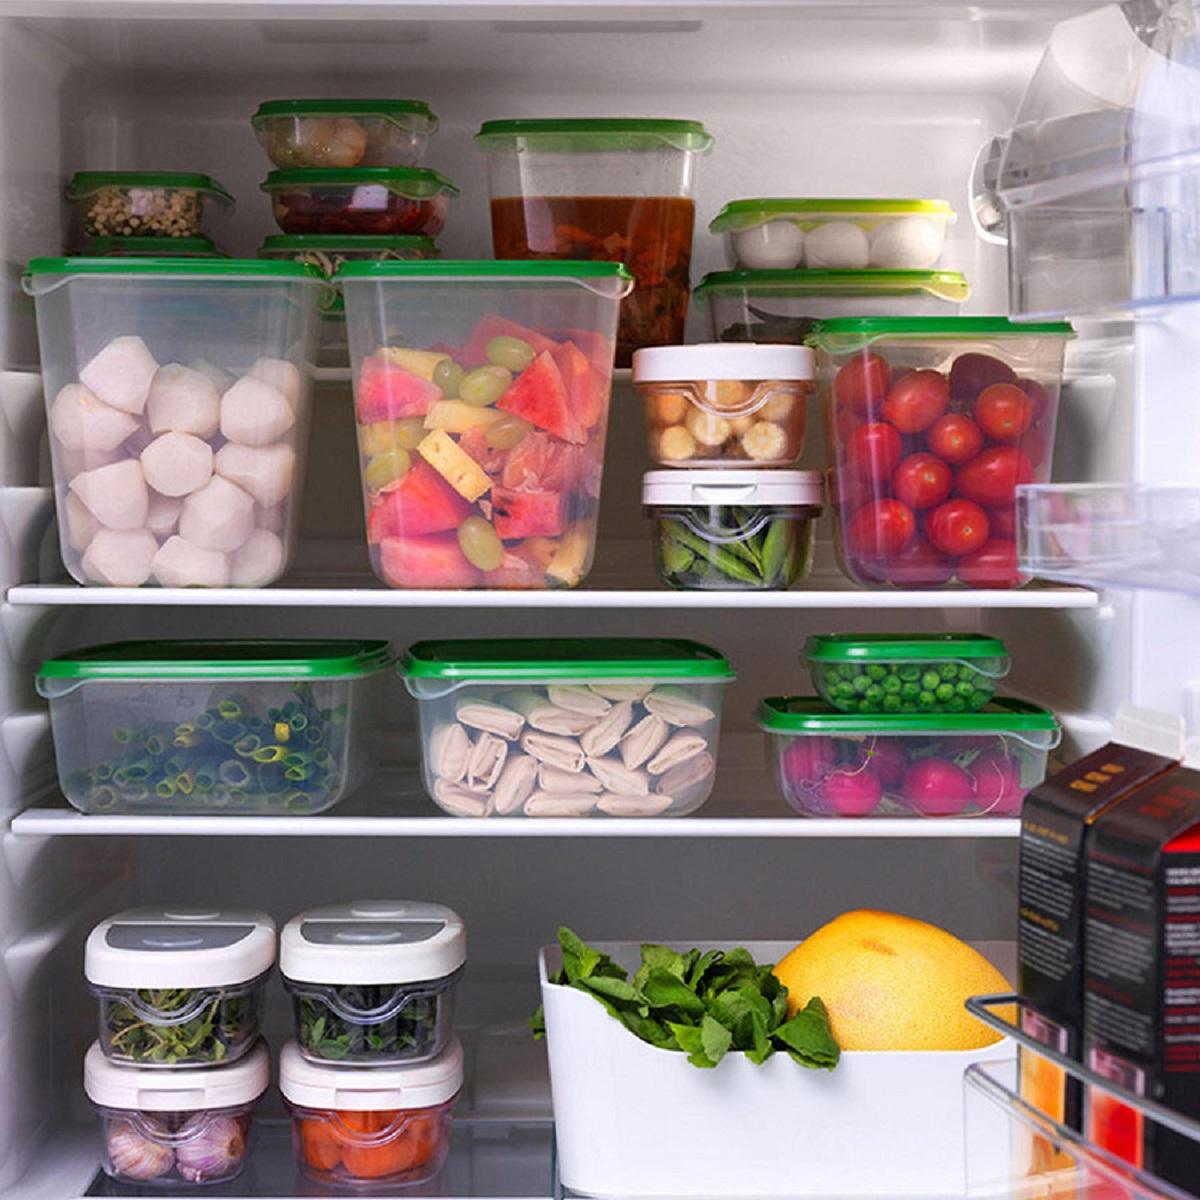 Sửa tủ lạnh quận Tân Phú uy tín. Khắc phục triệt để hư hỏng